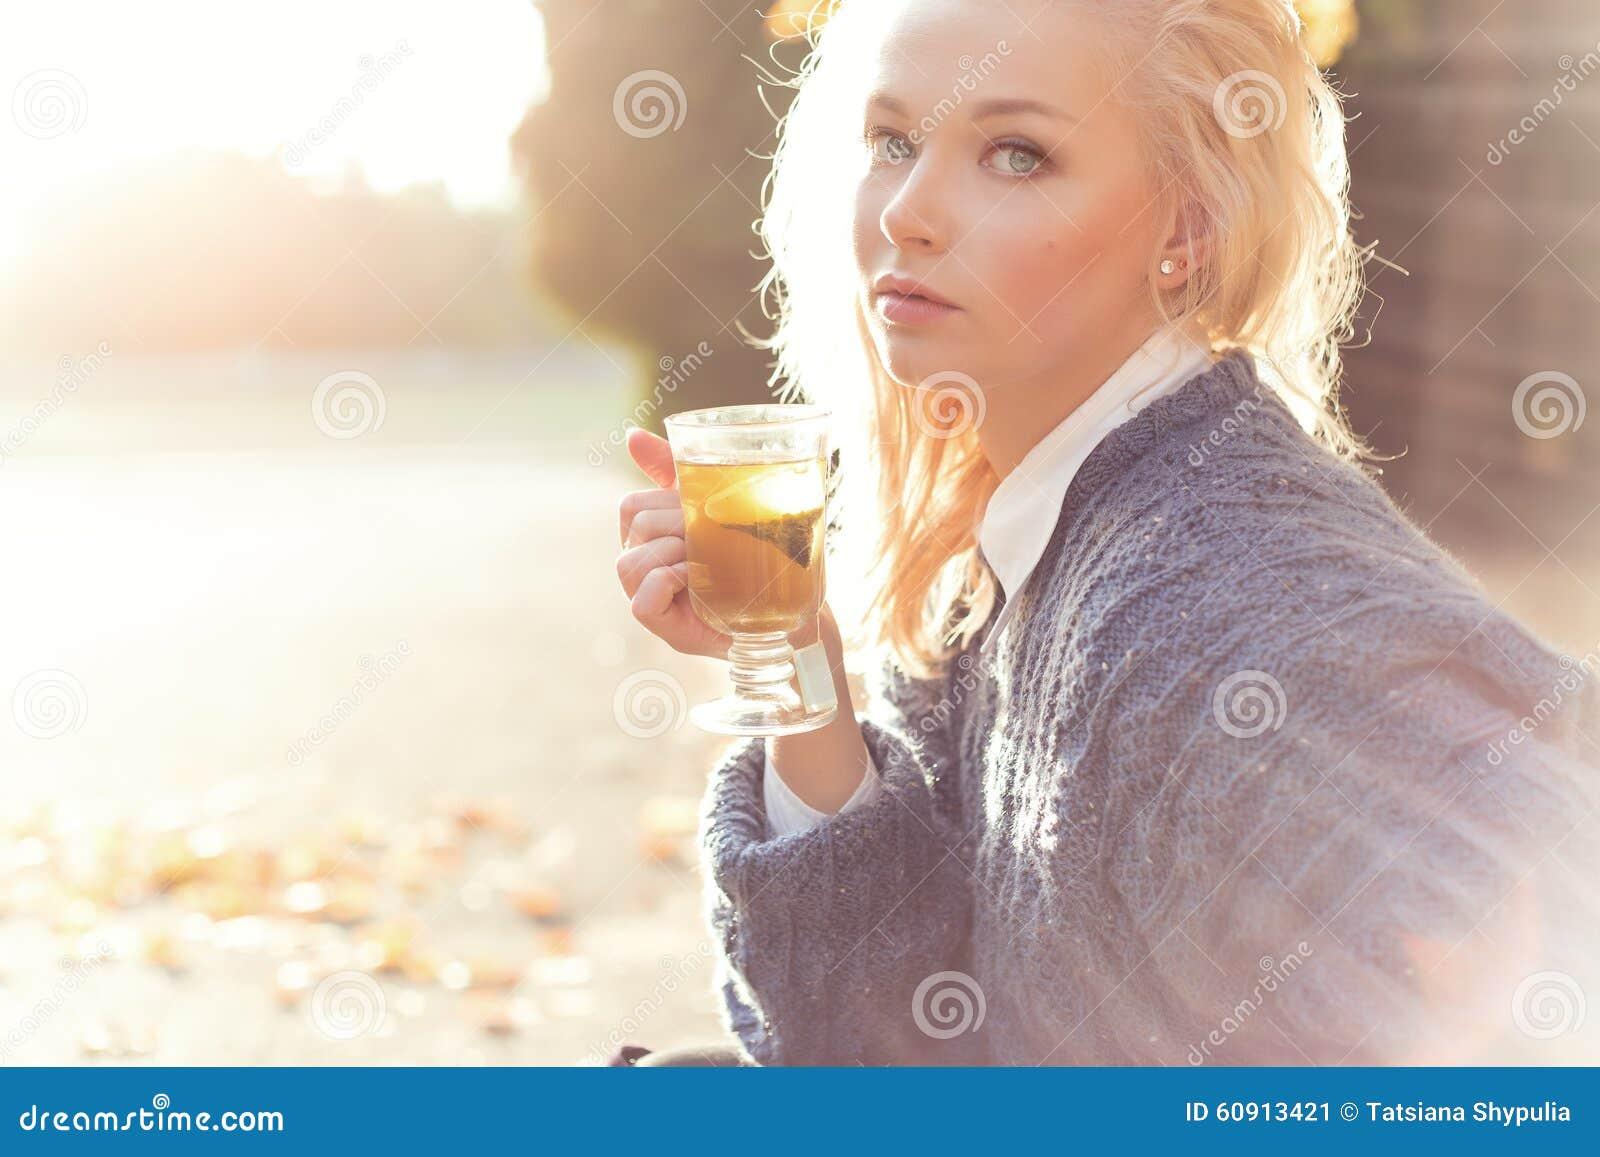 Красивые Фото Девушек Осенью Блондинок